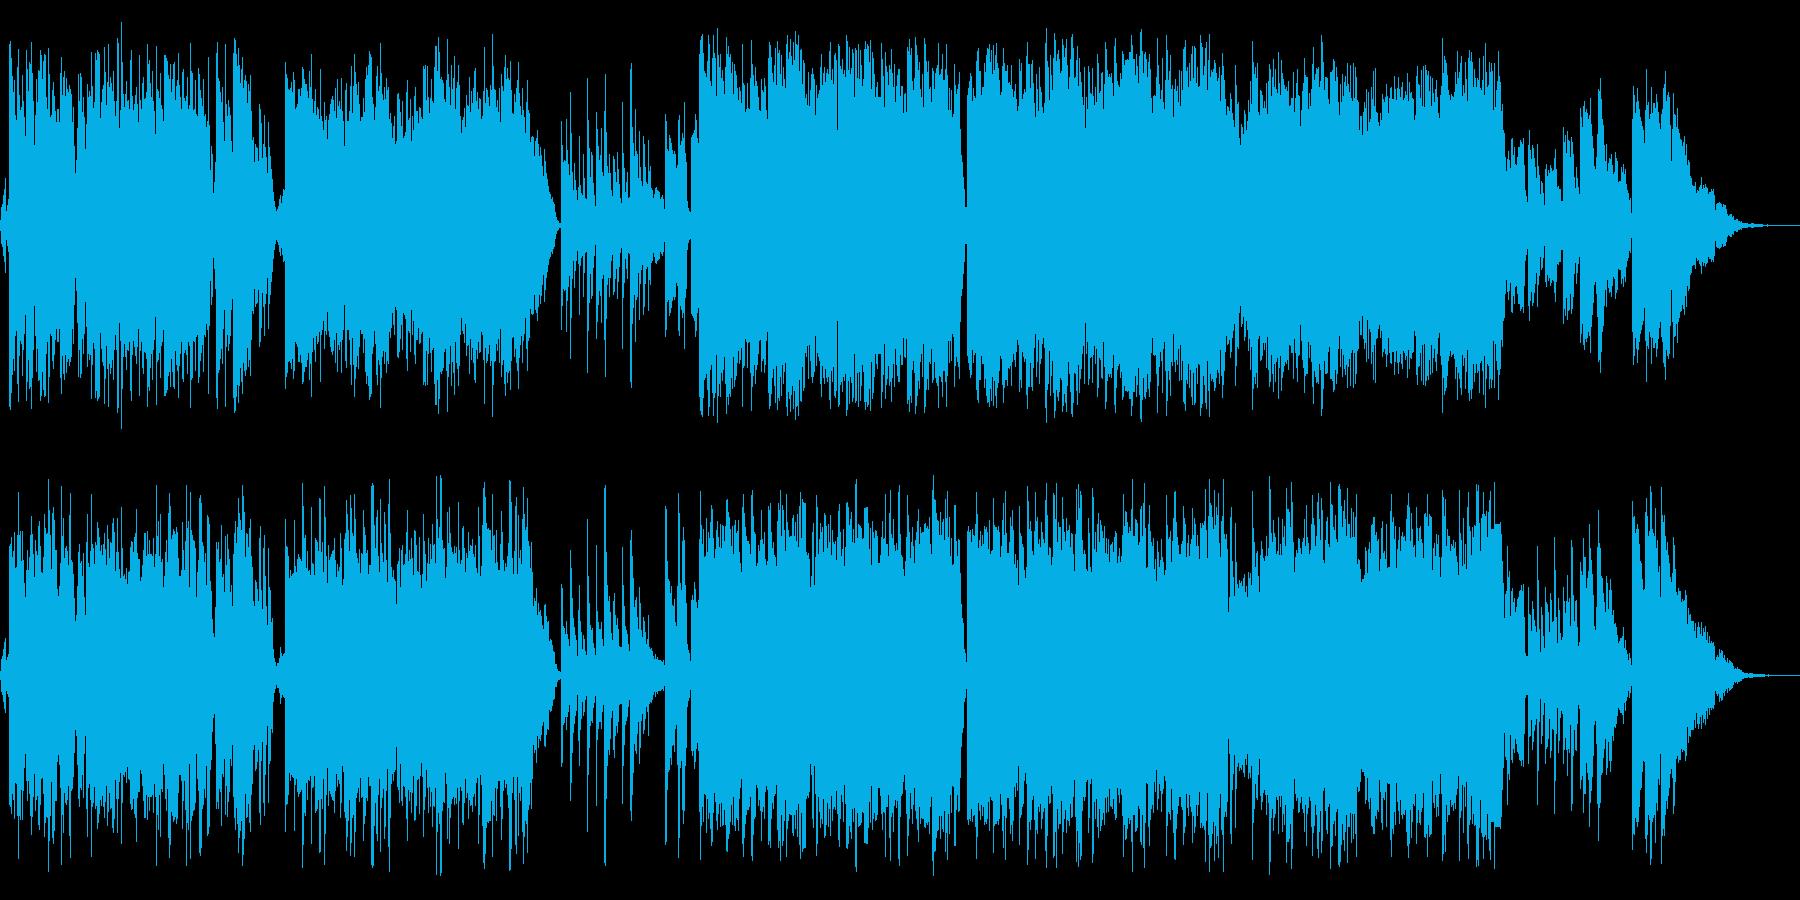 感動的な琴とバイオリンの和風バラードcの再生済みの波形